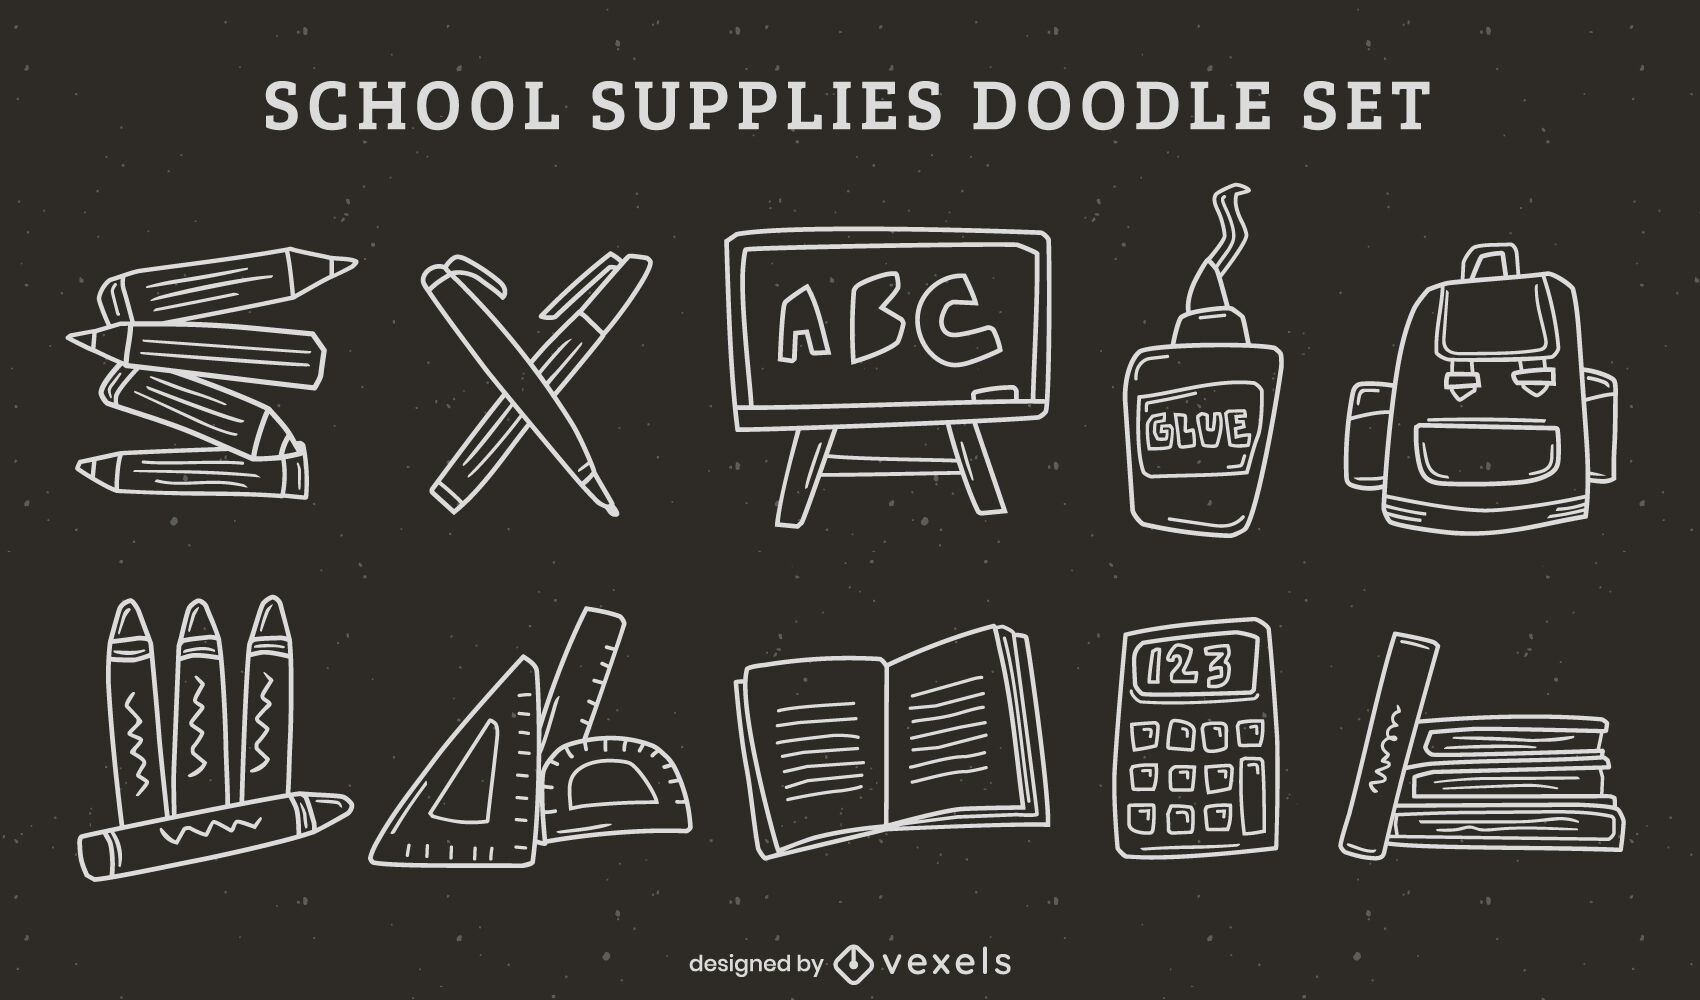 School supplies doodle stroke set